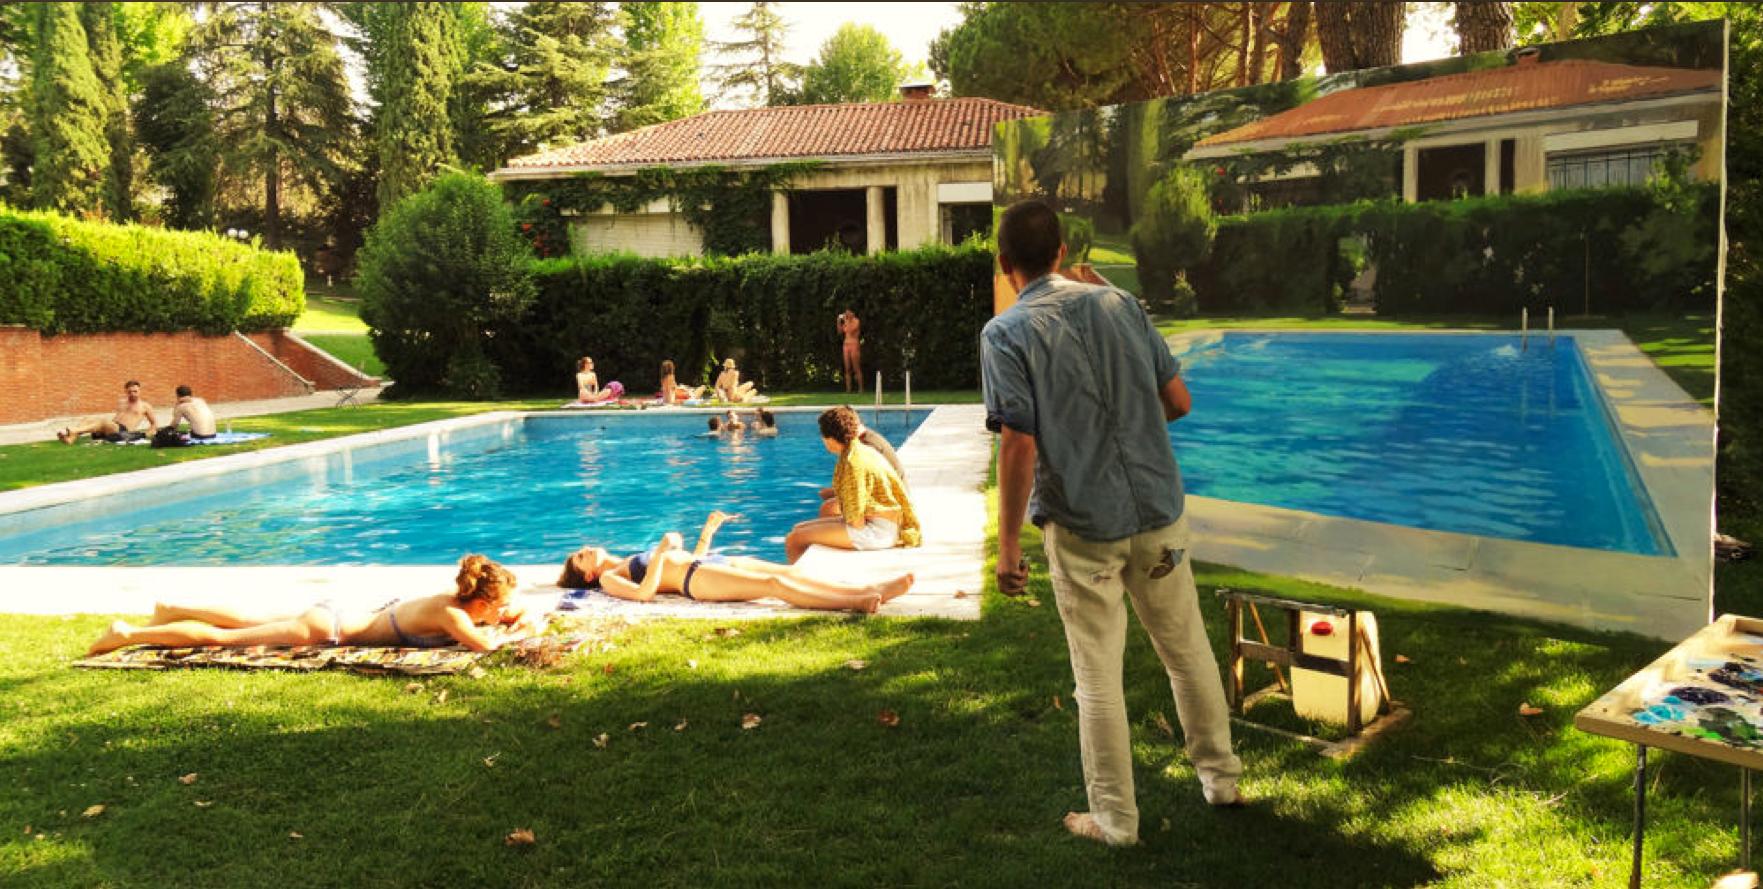 Piscina casa de campo madrid cool imagen de la piscina de for Piscinas nudistas en madrid